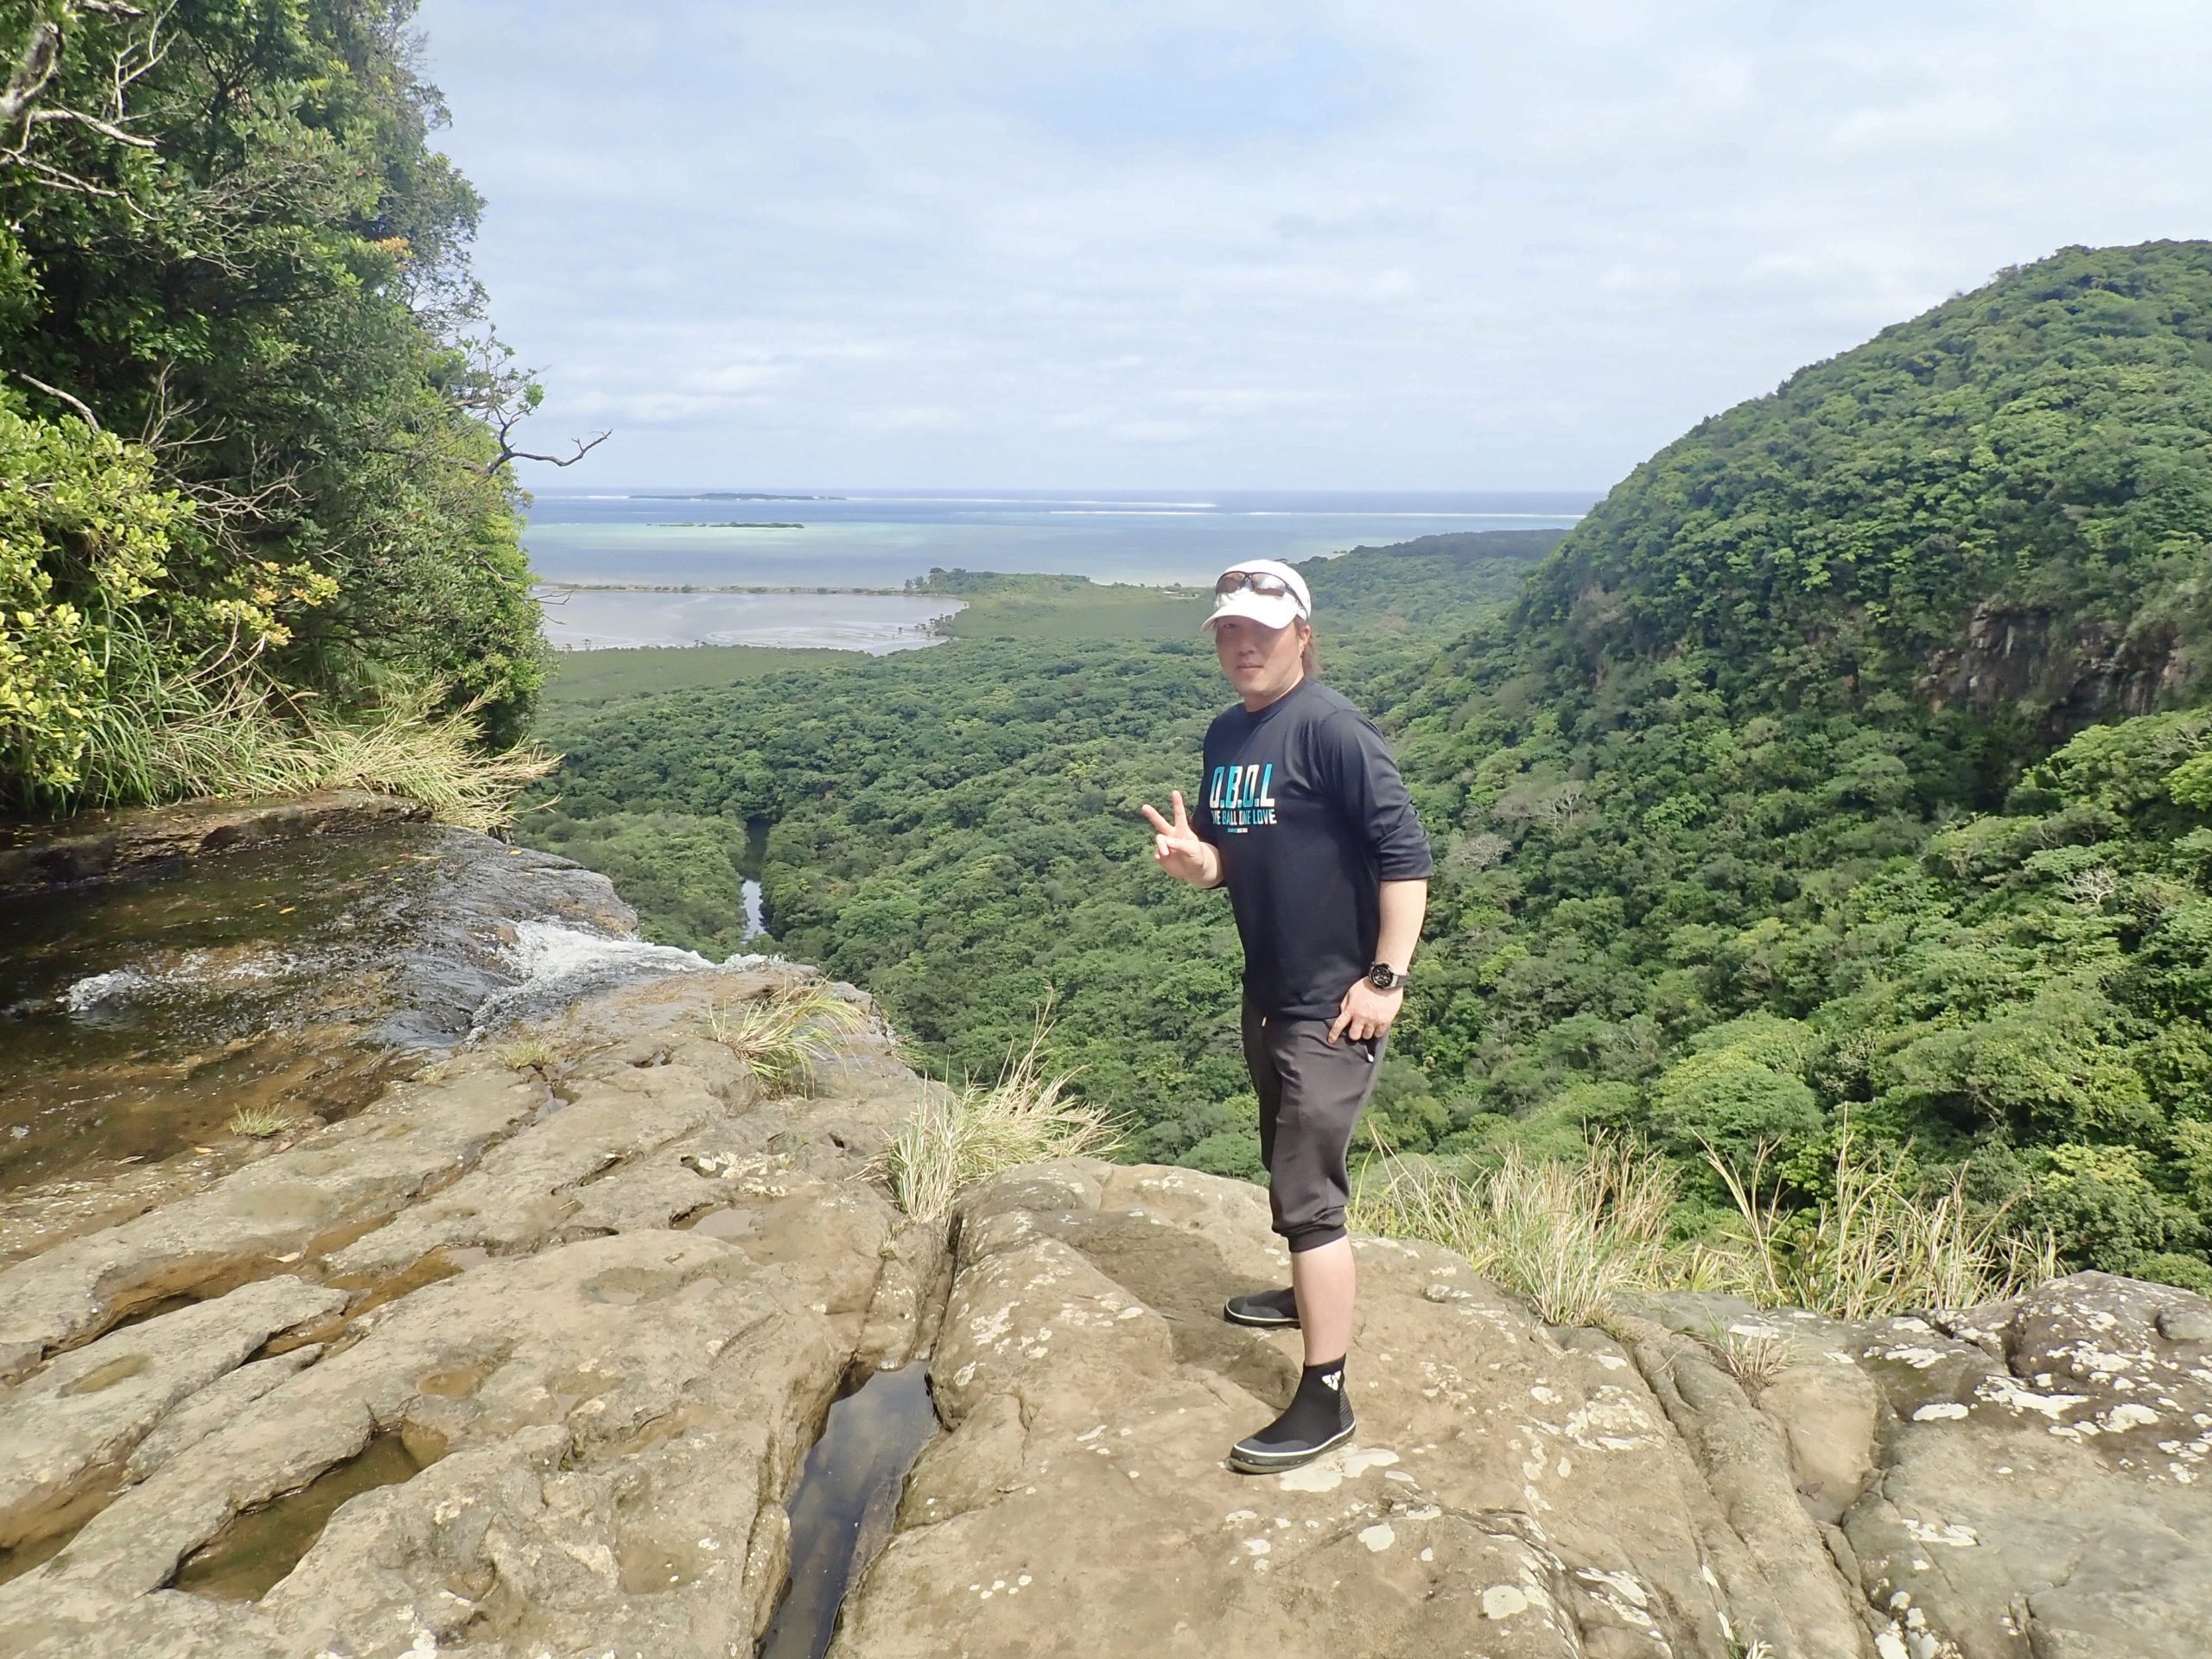 西表島に来たなら絶景を楽しめるピナイサーラの滝上に行こう!